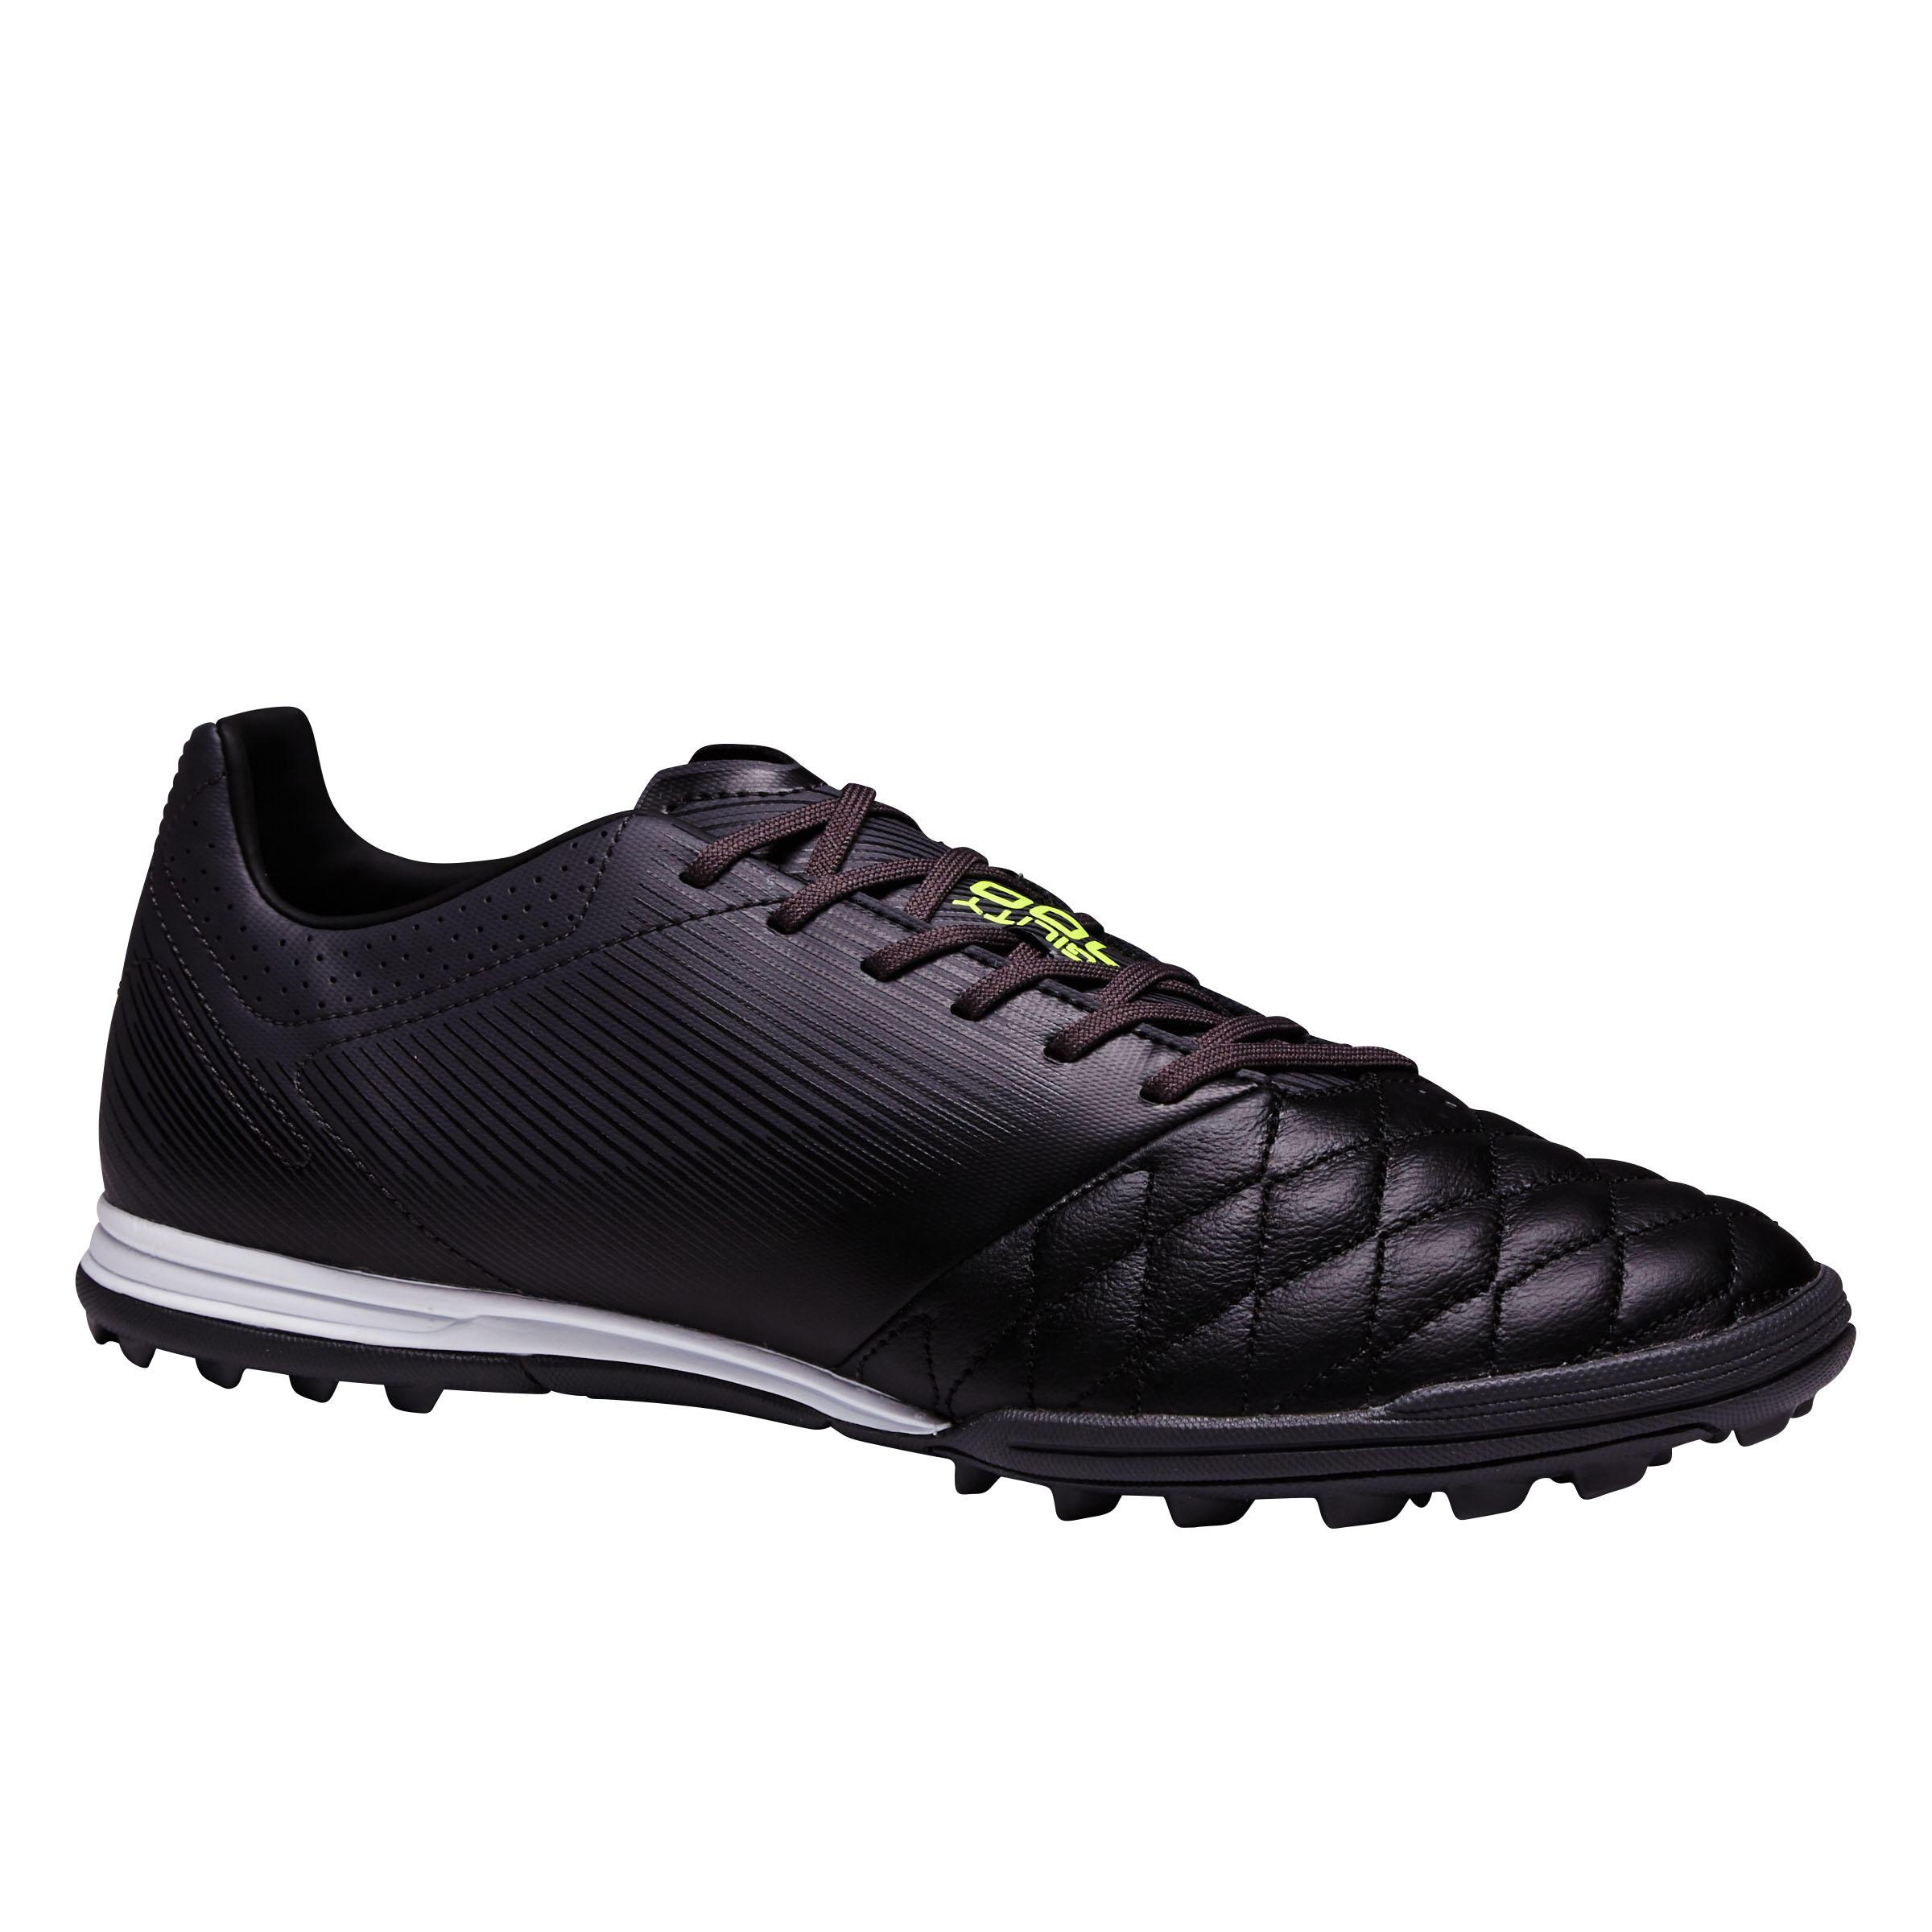 Fußballschuhe Nocken Agility 700 HG Hartböden Leder Erwachsene schwarz | Schuhe > Sportschuhe > Fußballschuhe | Schwarz | Kipsta